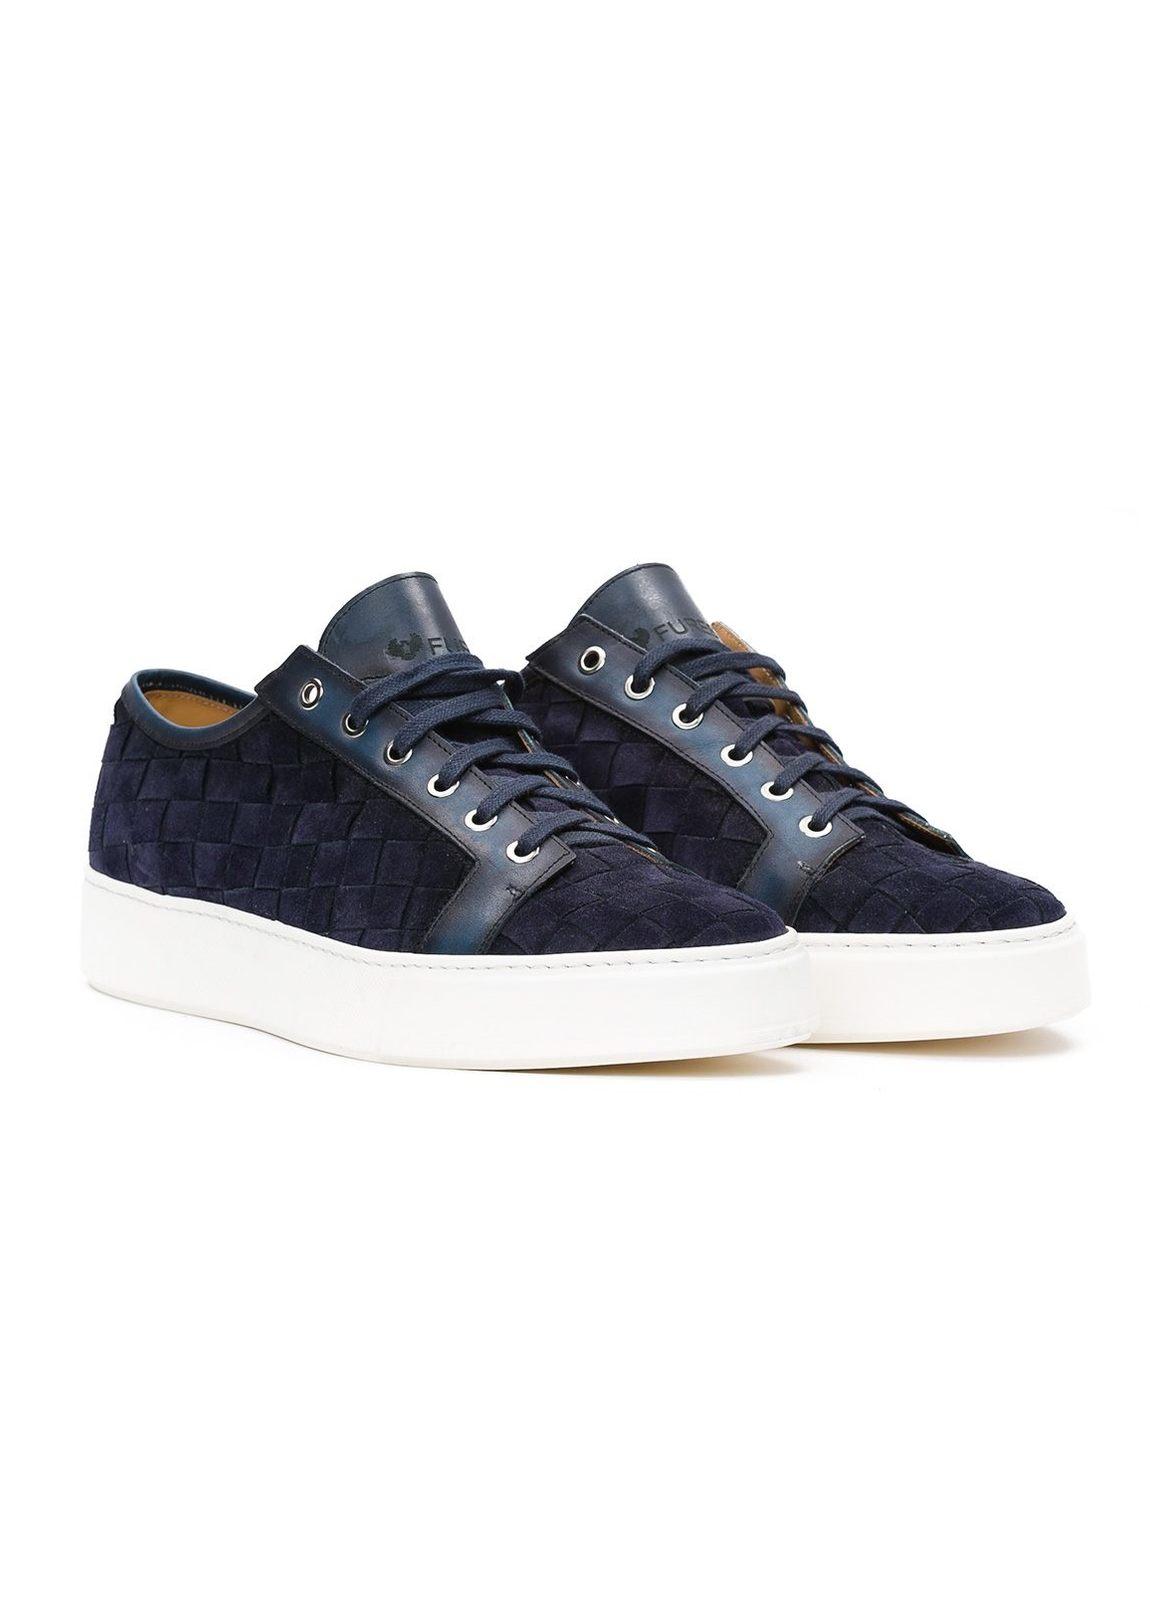 Zapato Sport wear color azul marino,100% Serraje. - Ítem3